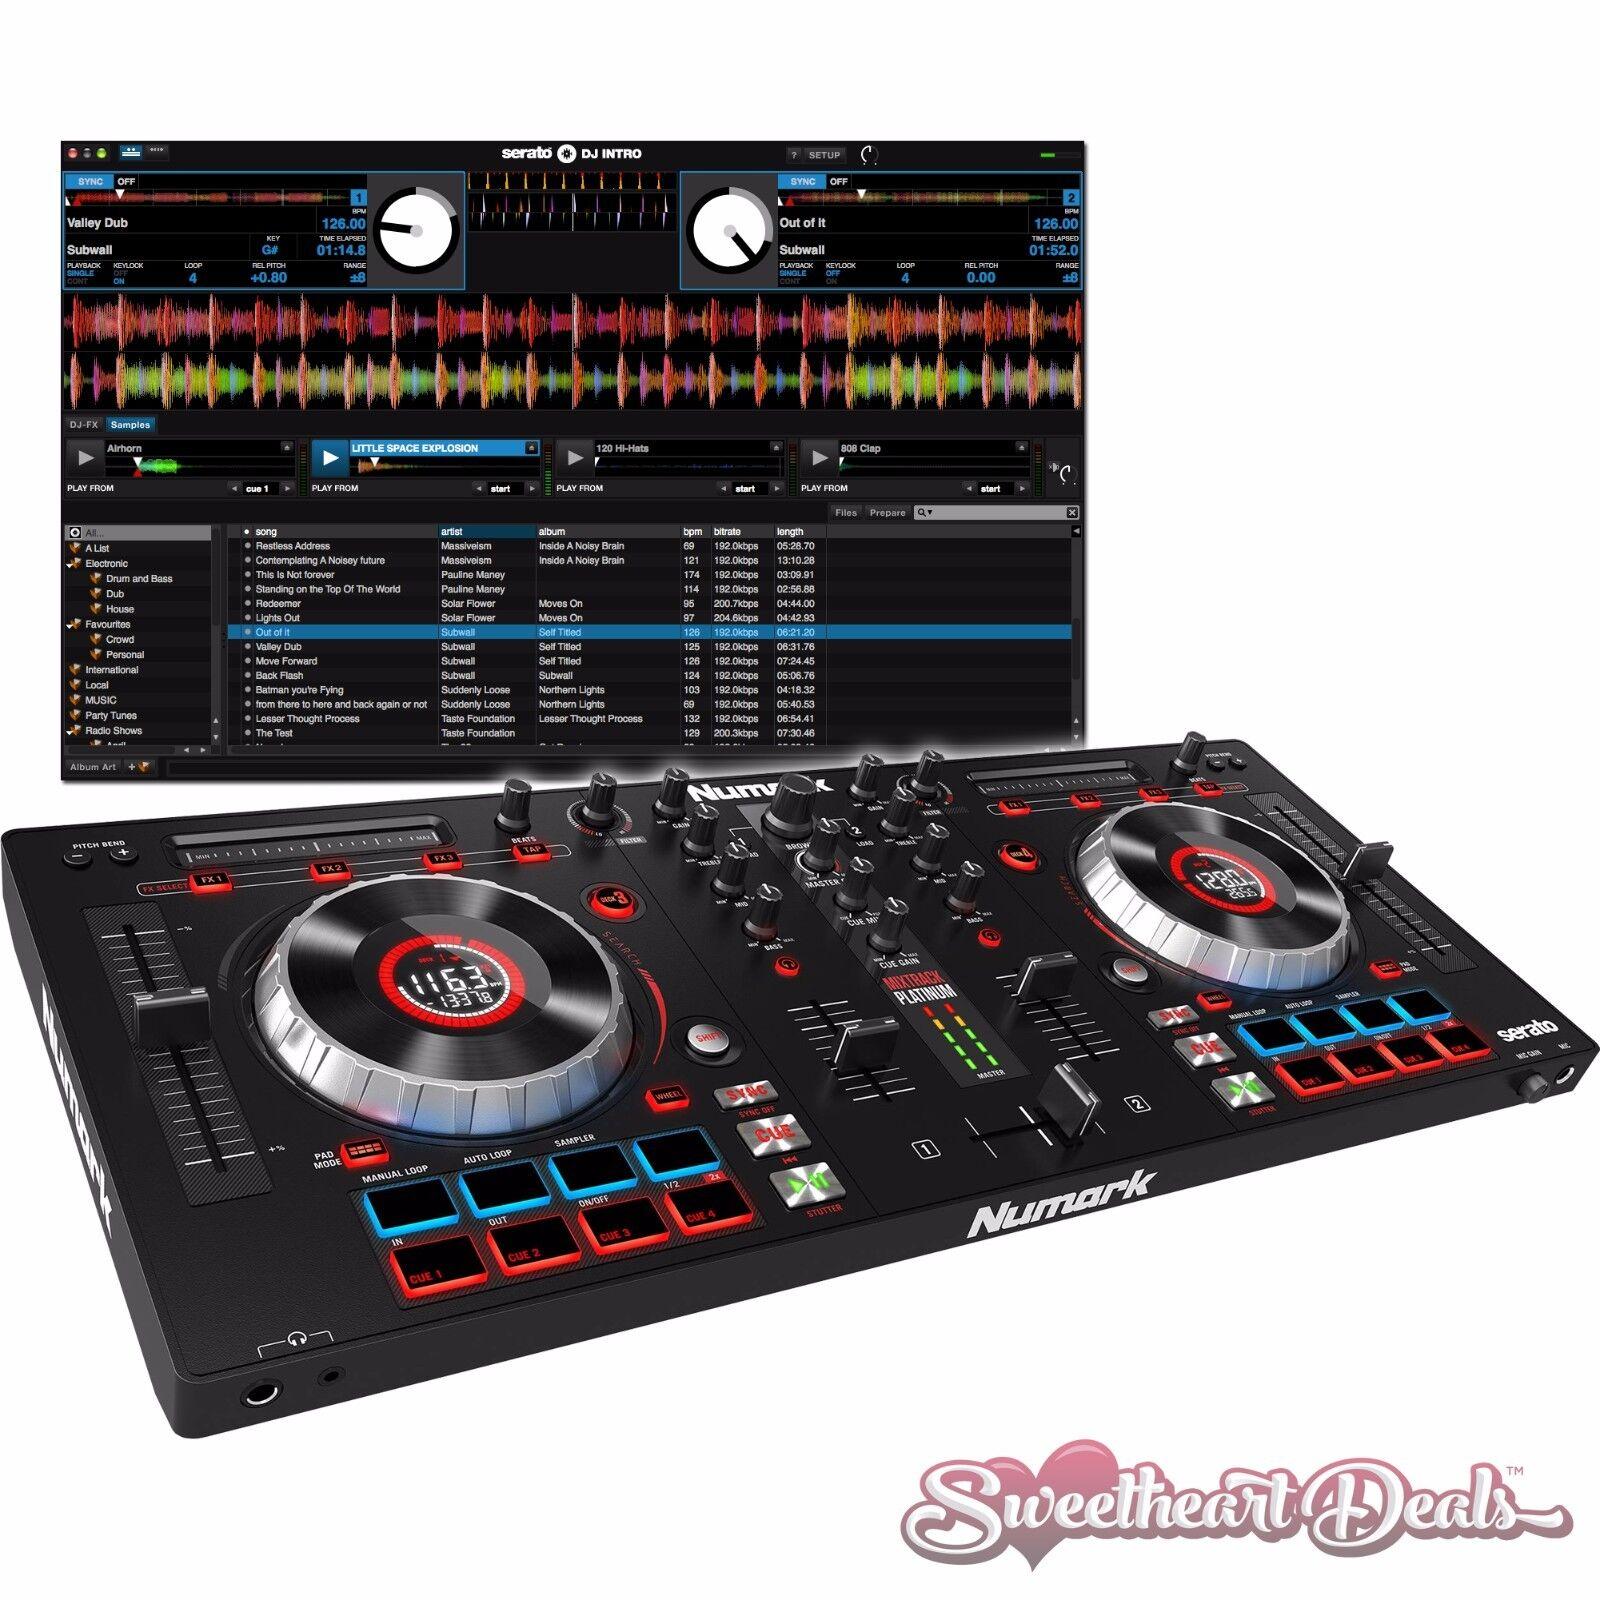 Détails sur NUMARK MIXTRACK Platinum-DJ controller Jog Wheel Display SERATO  DJ INTRO- afficher le titre d'origine